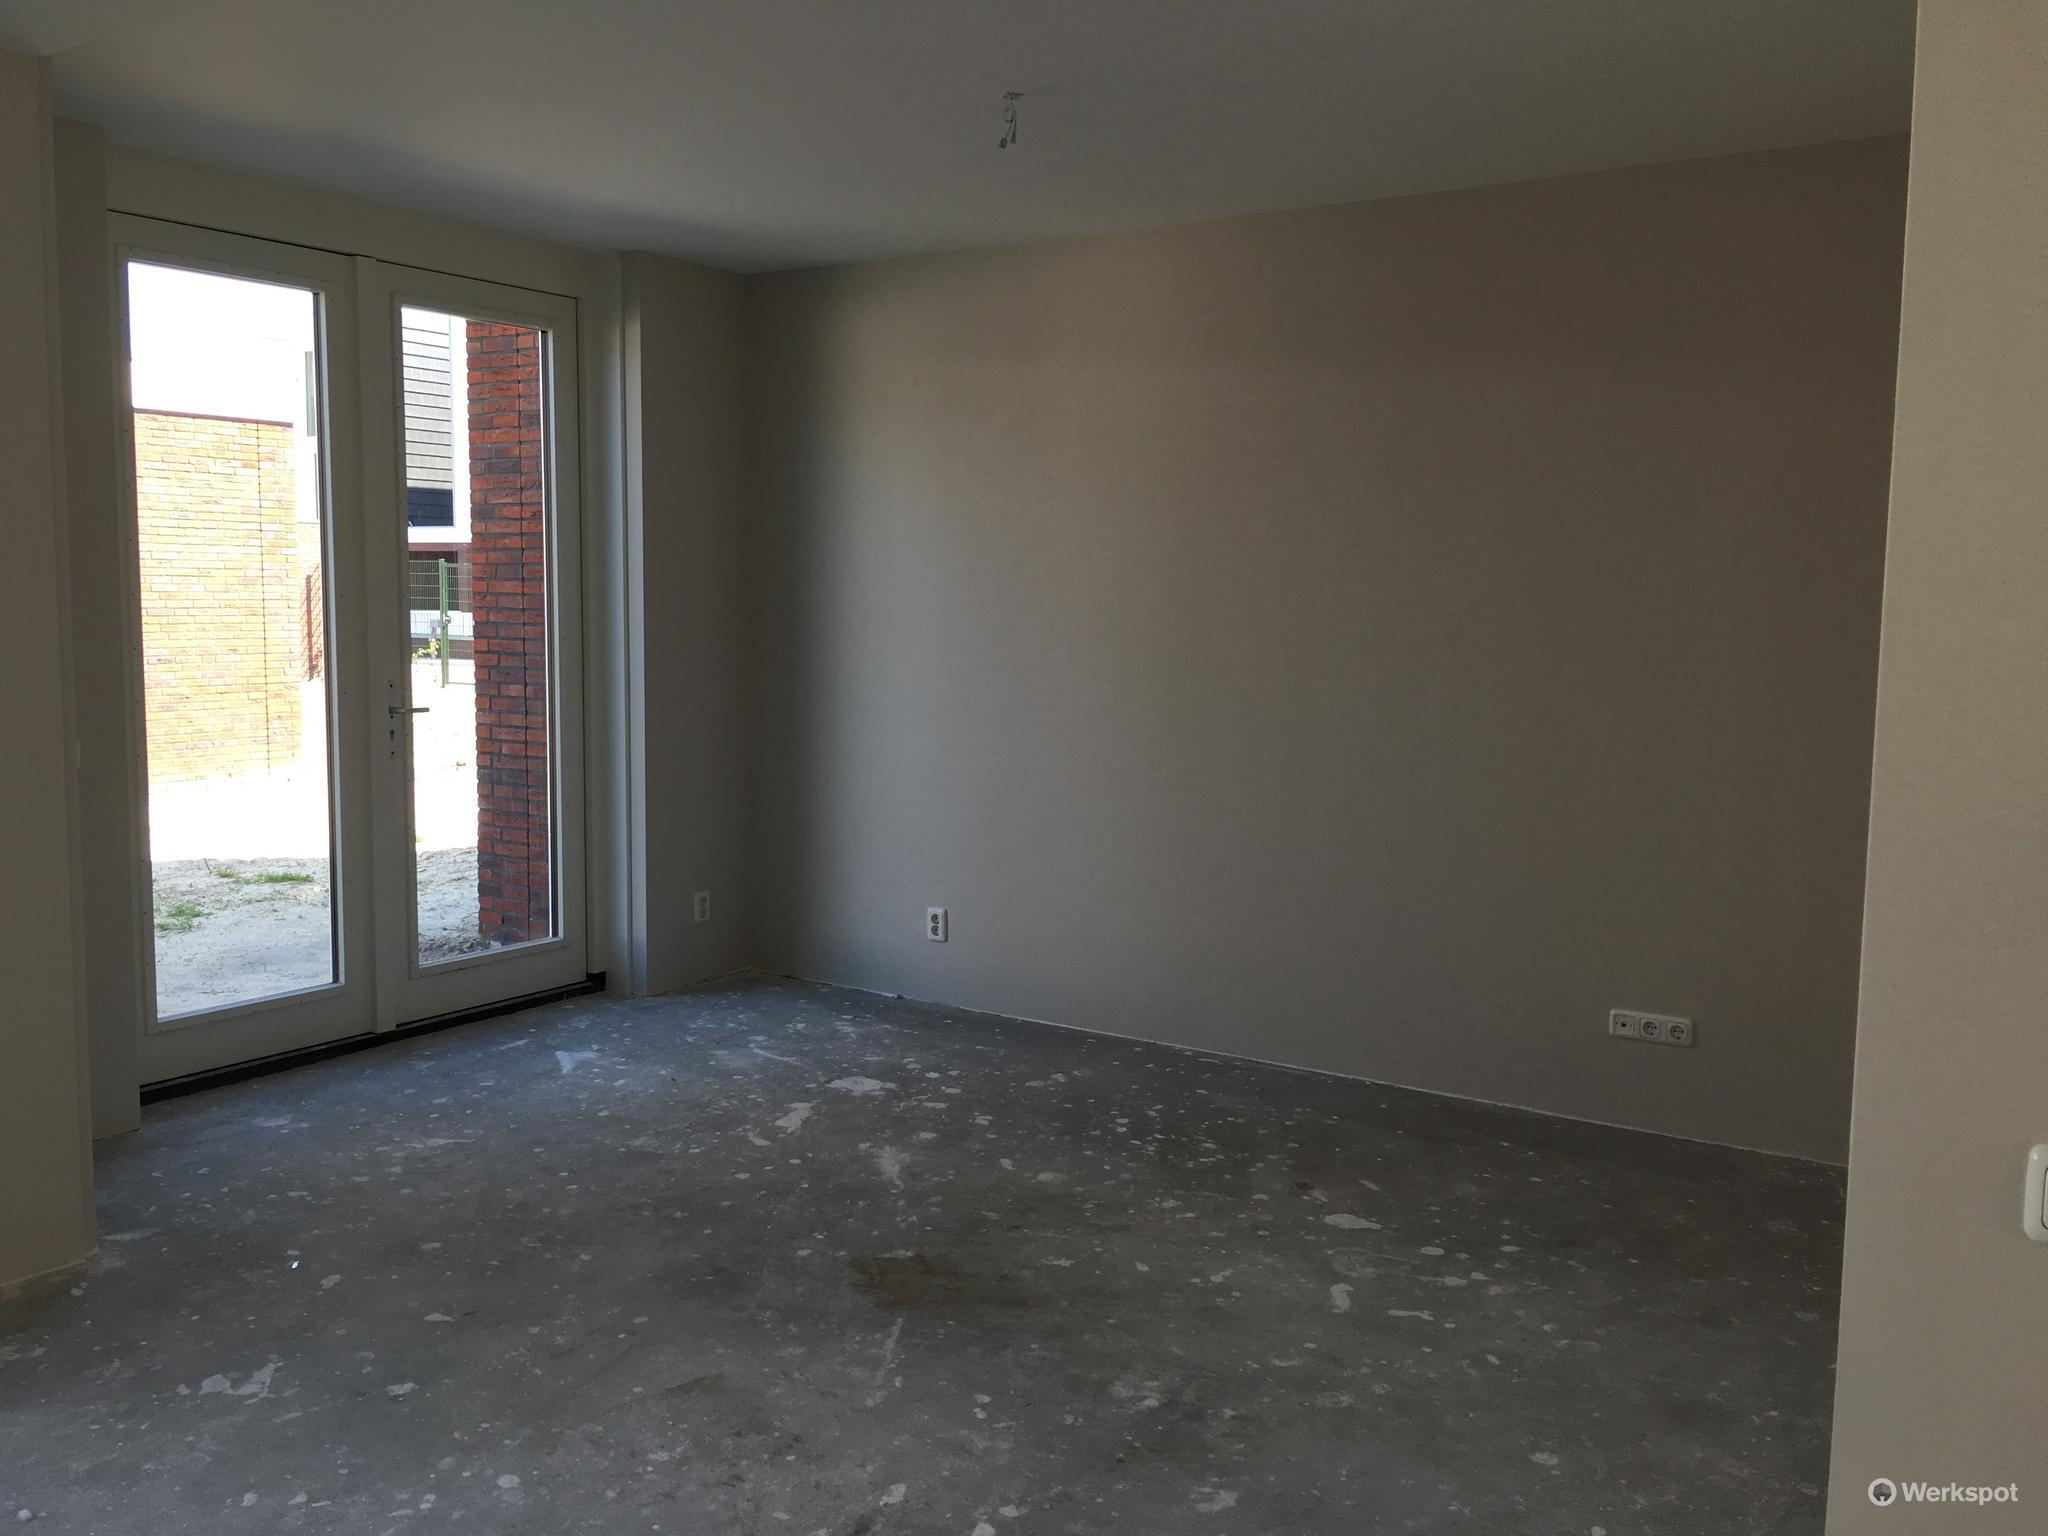 300 m2 renovlies behang aanbrengen in nieuwbouw woning for Renovlies behang aanbrengen